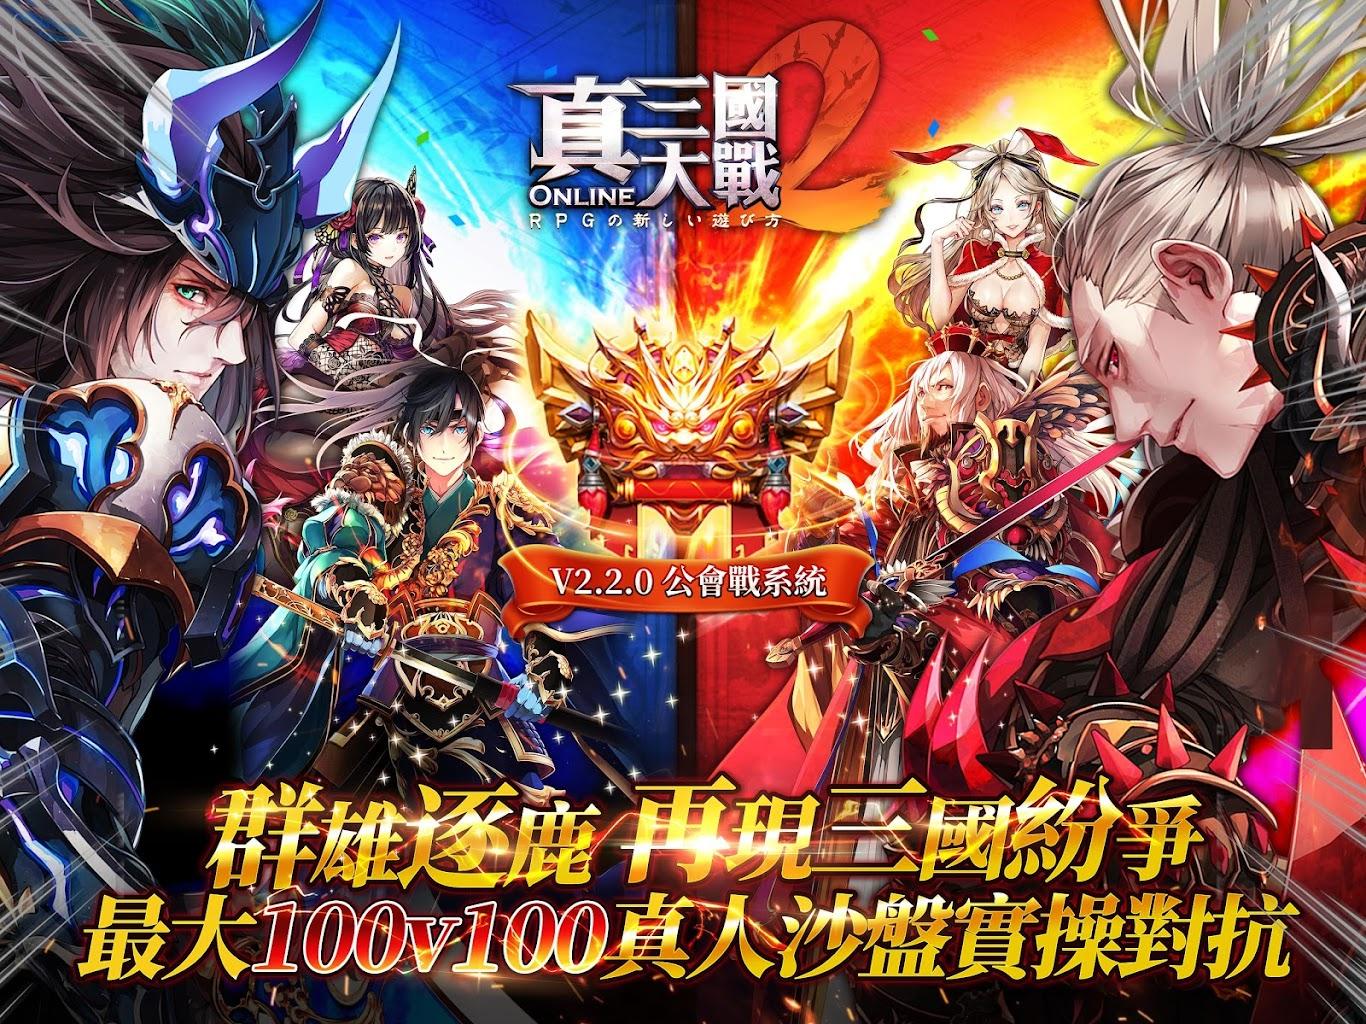 真三國大戰2 2.3.0 Apk + OBB Download - com.sangoku2.android APK + OBB free